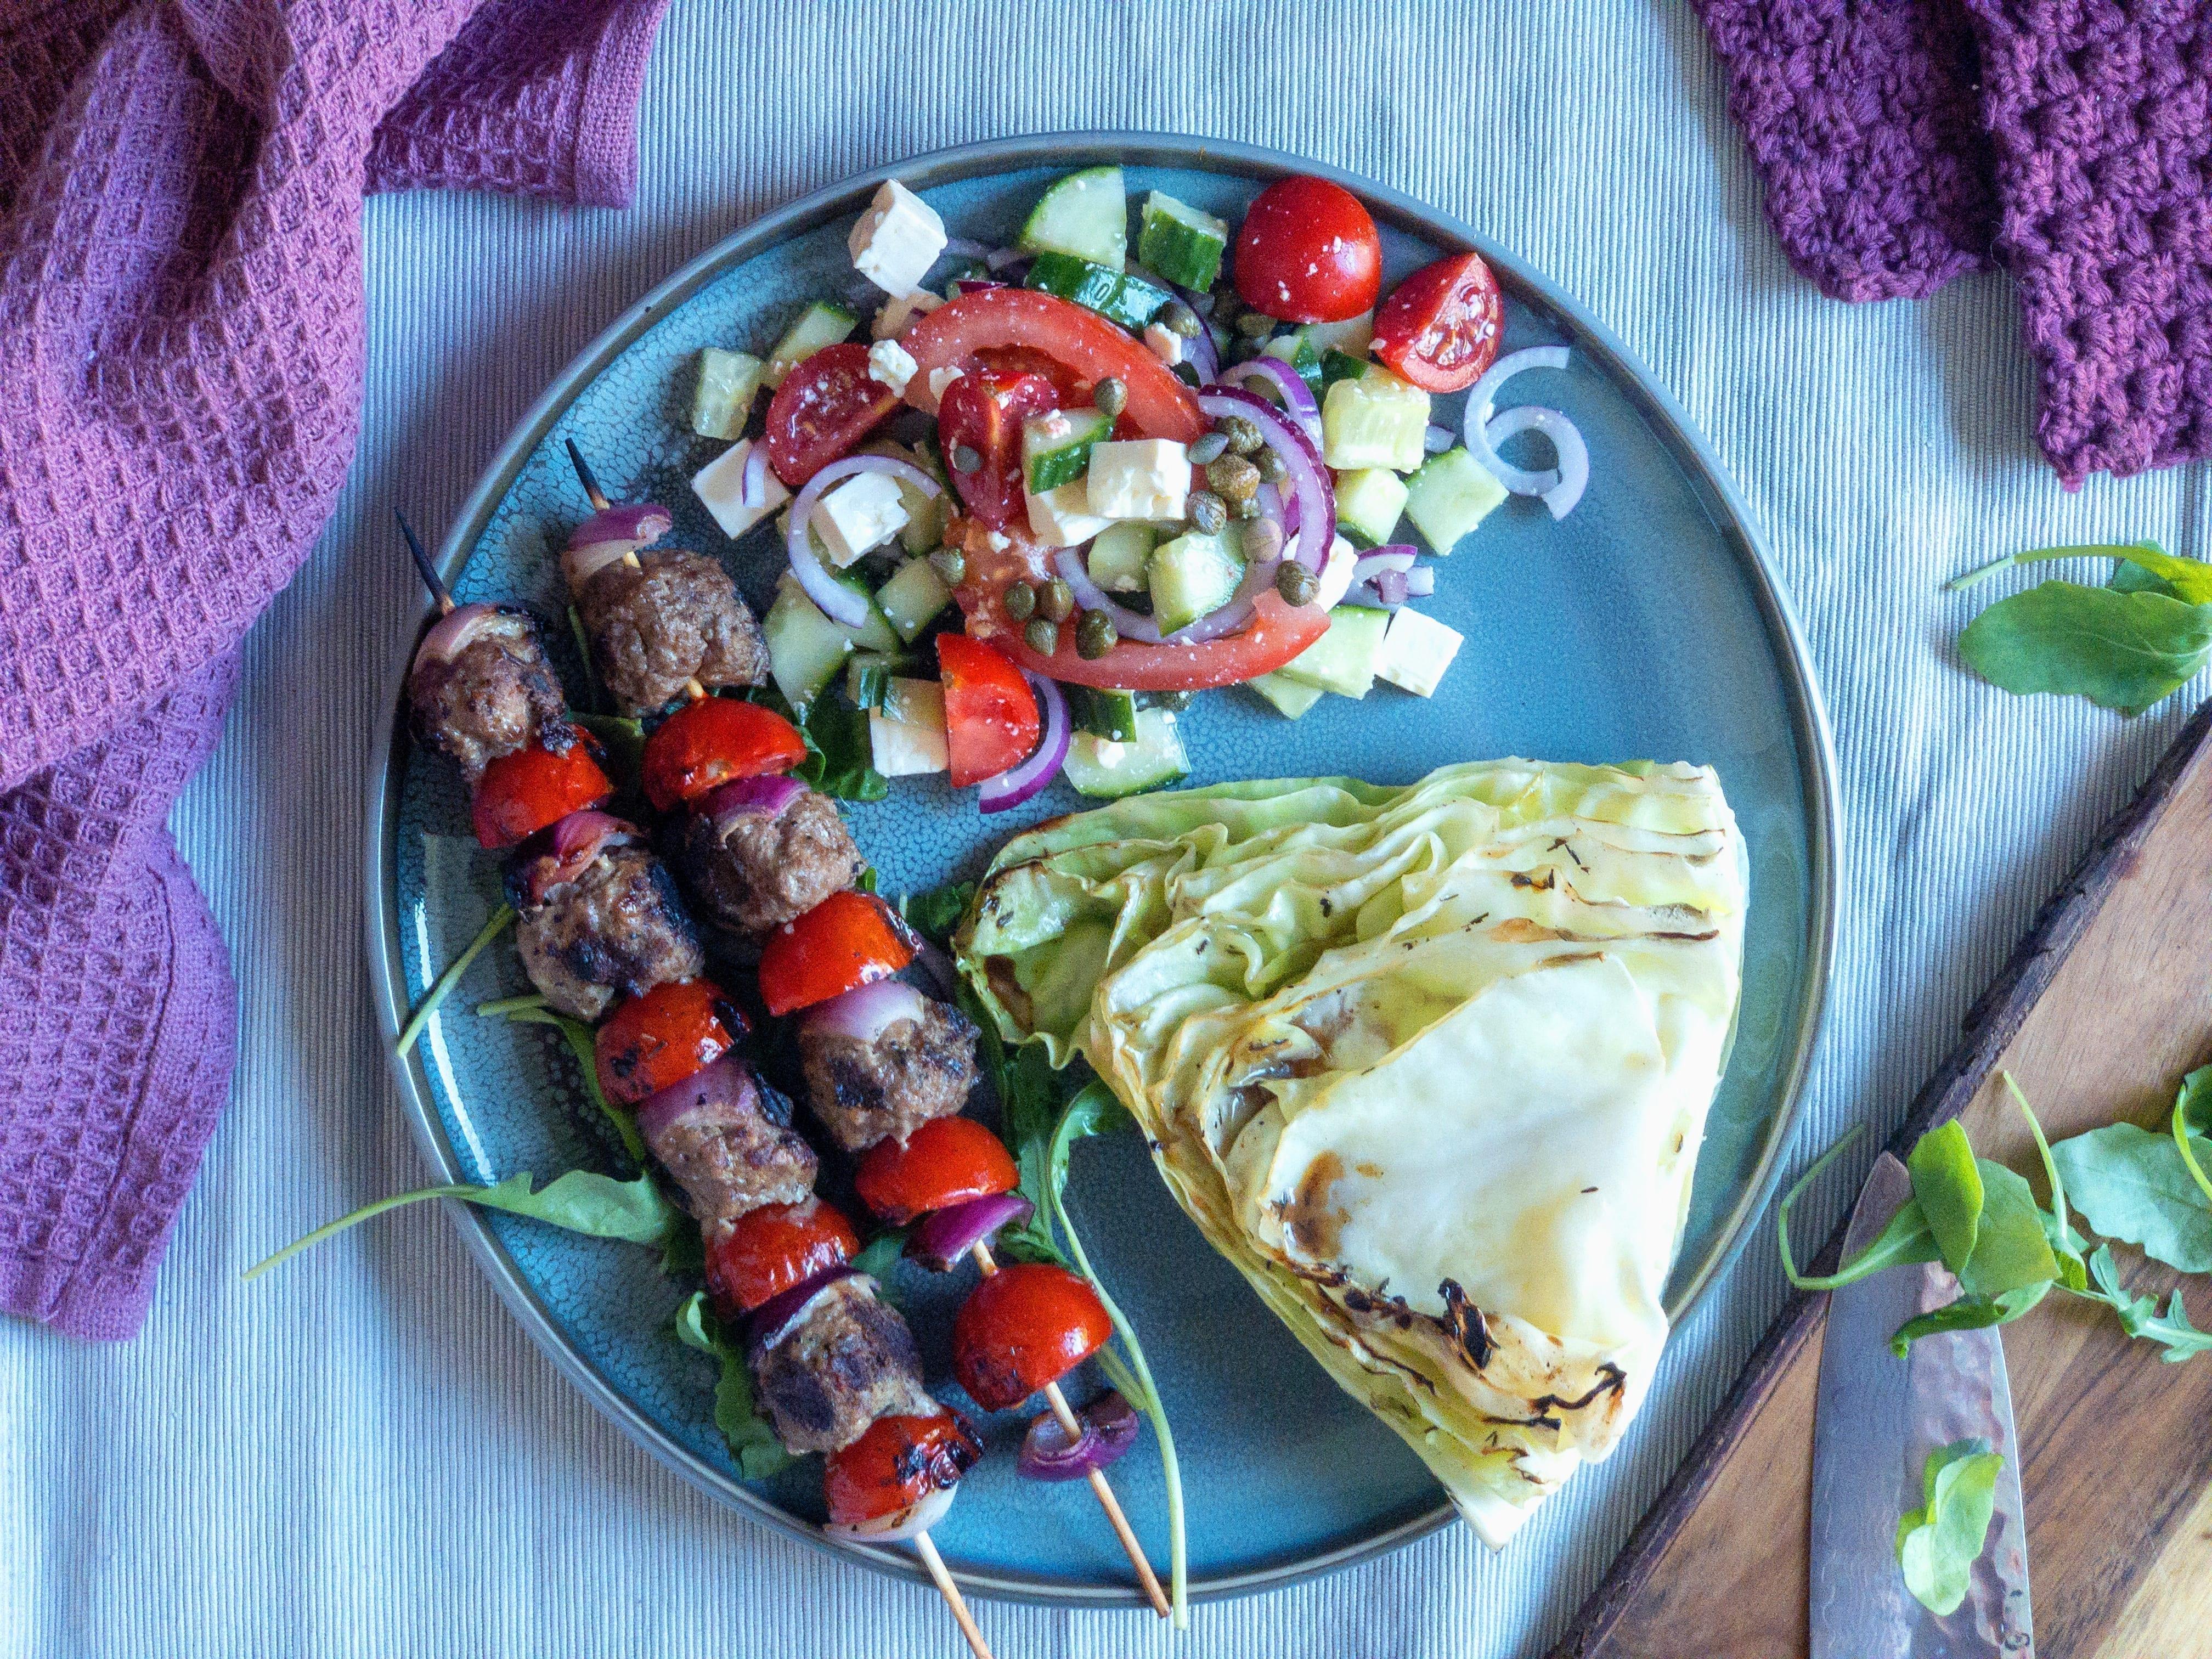 Kødspyd af kødboller, bagt spidskål og en lækker tomatsalat